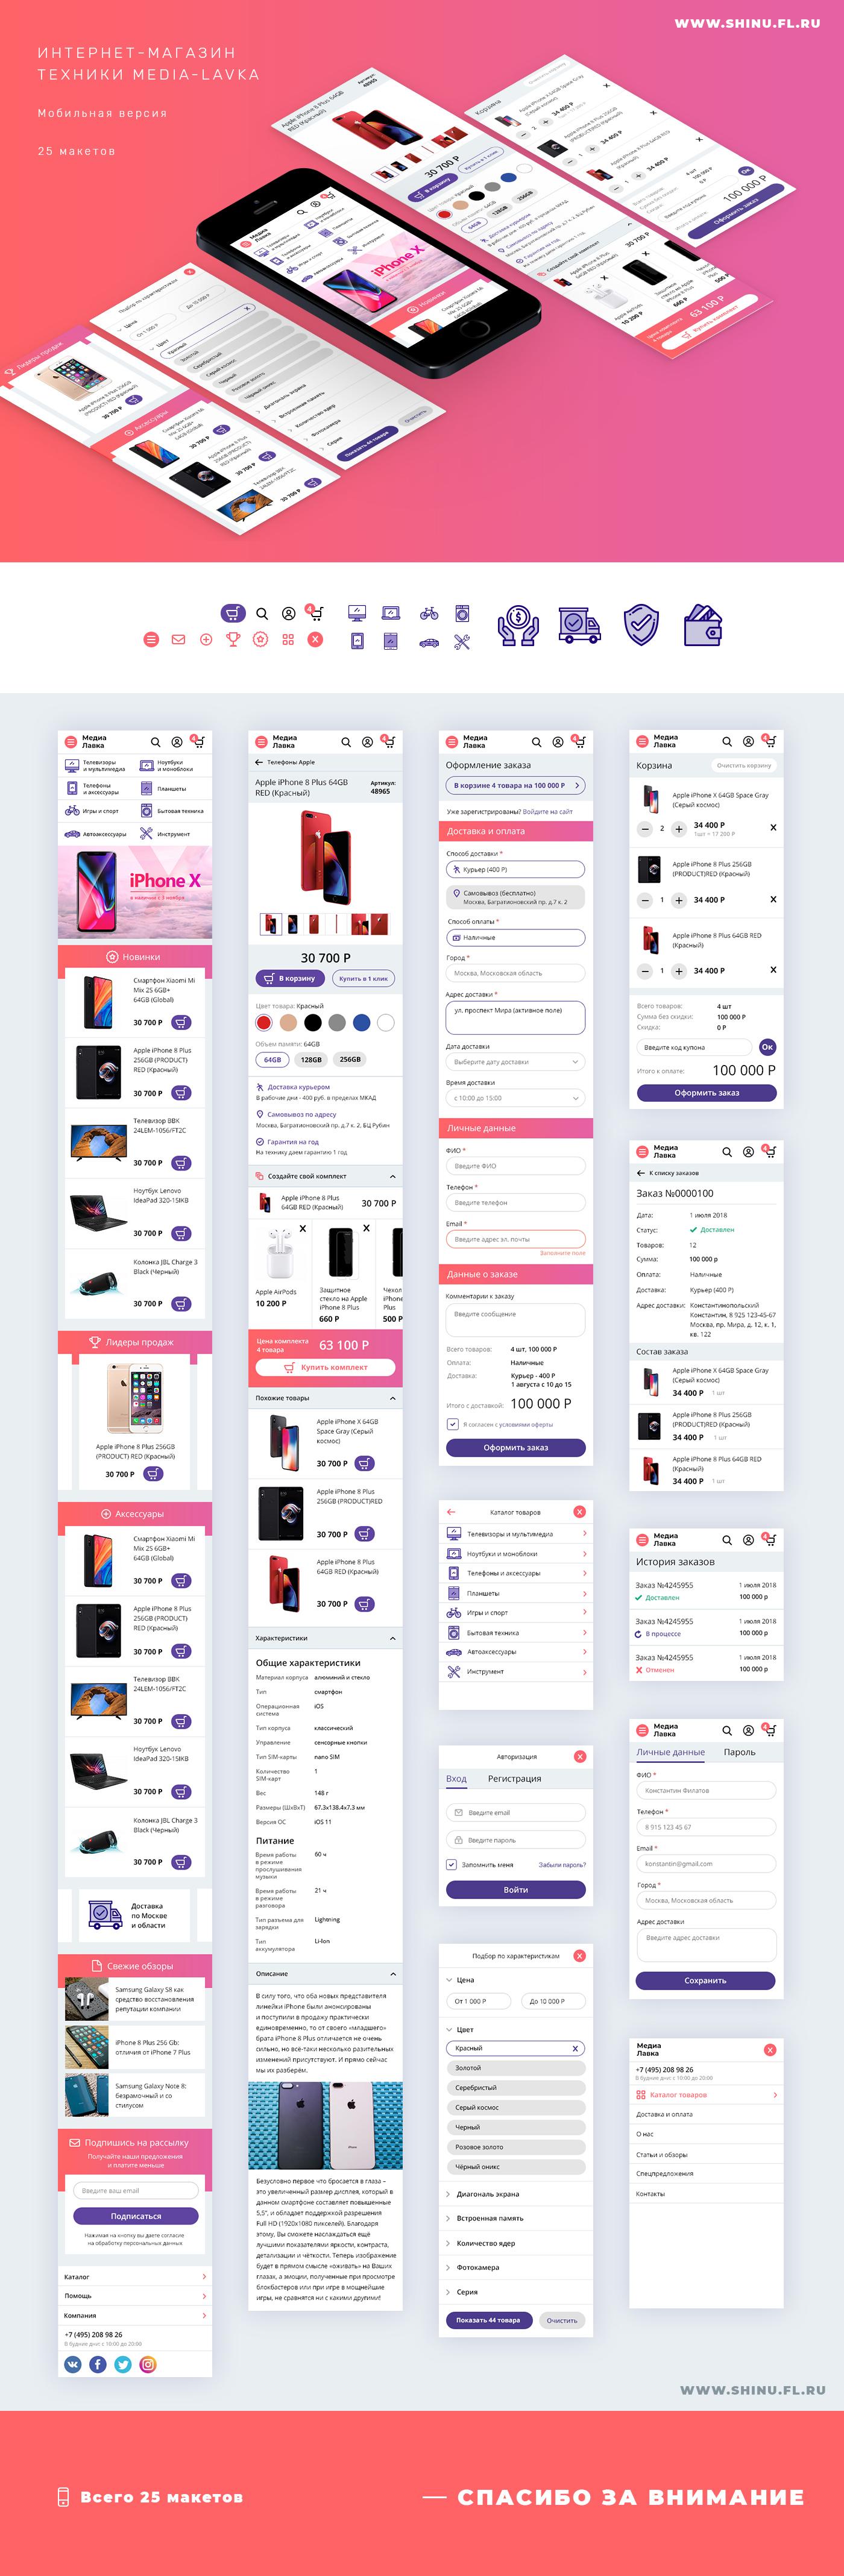 Мобильная версия интернет-магазина техники